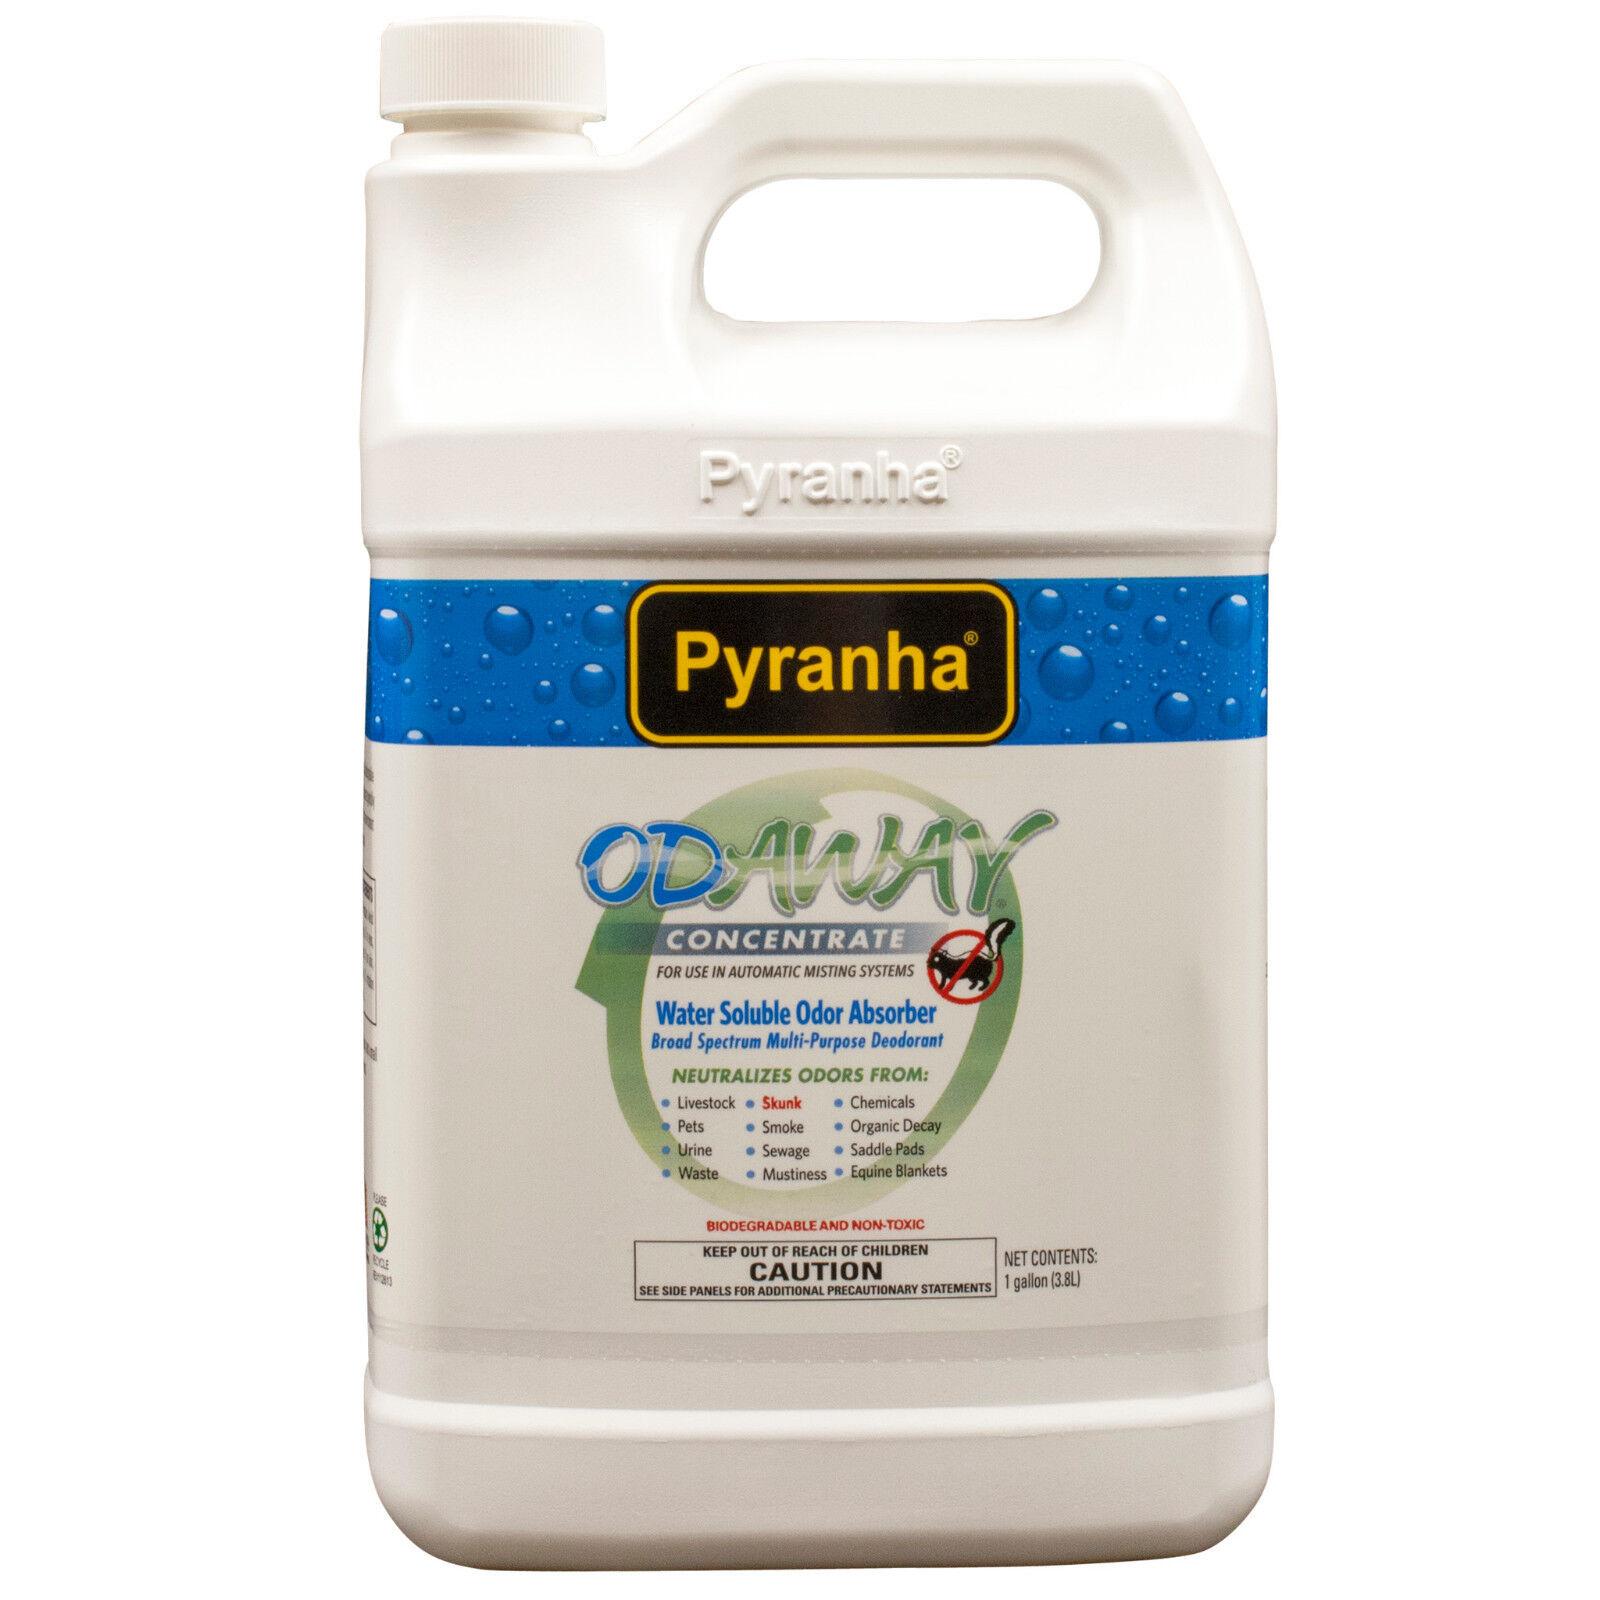 Pyranha Odor Absorber Conc Makes 55 Gals Pet Urine Odor L...